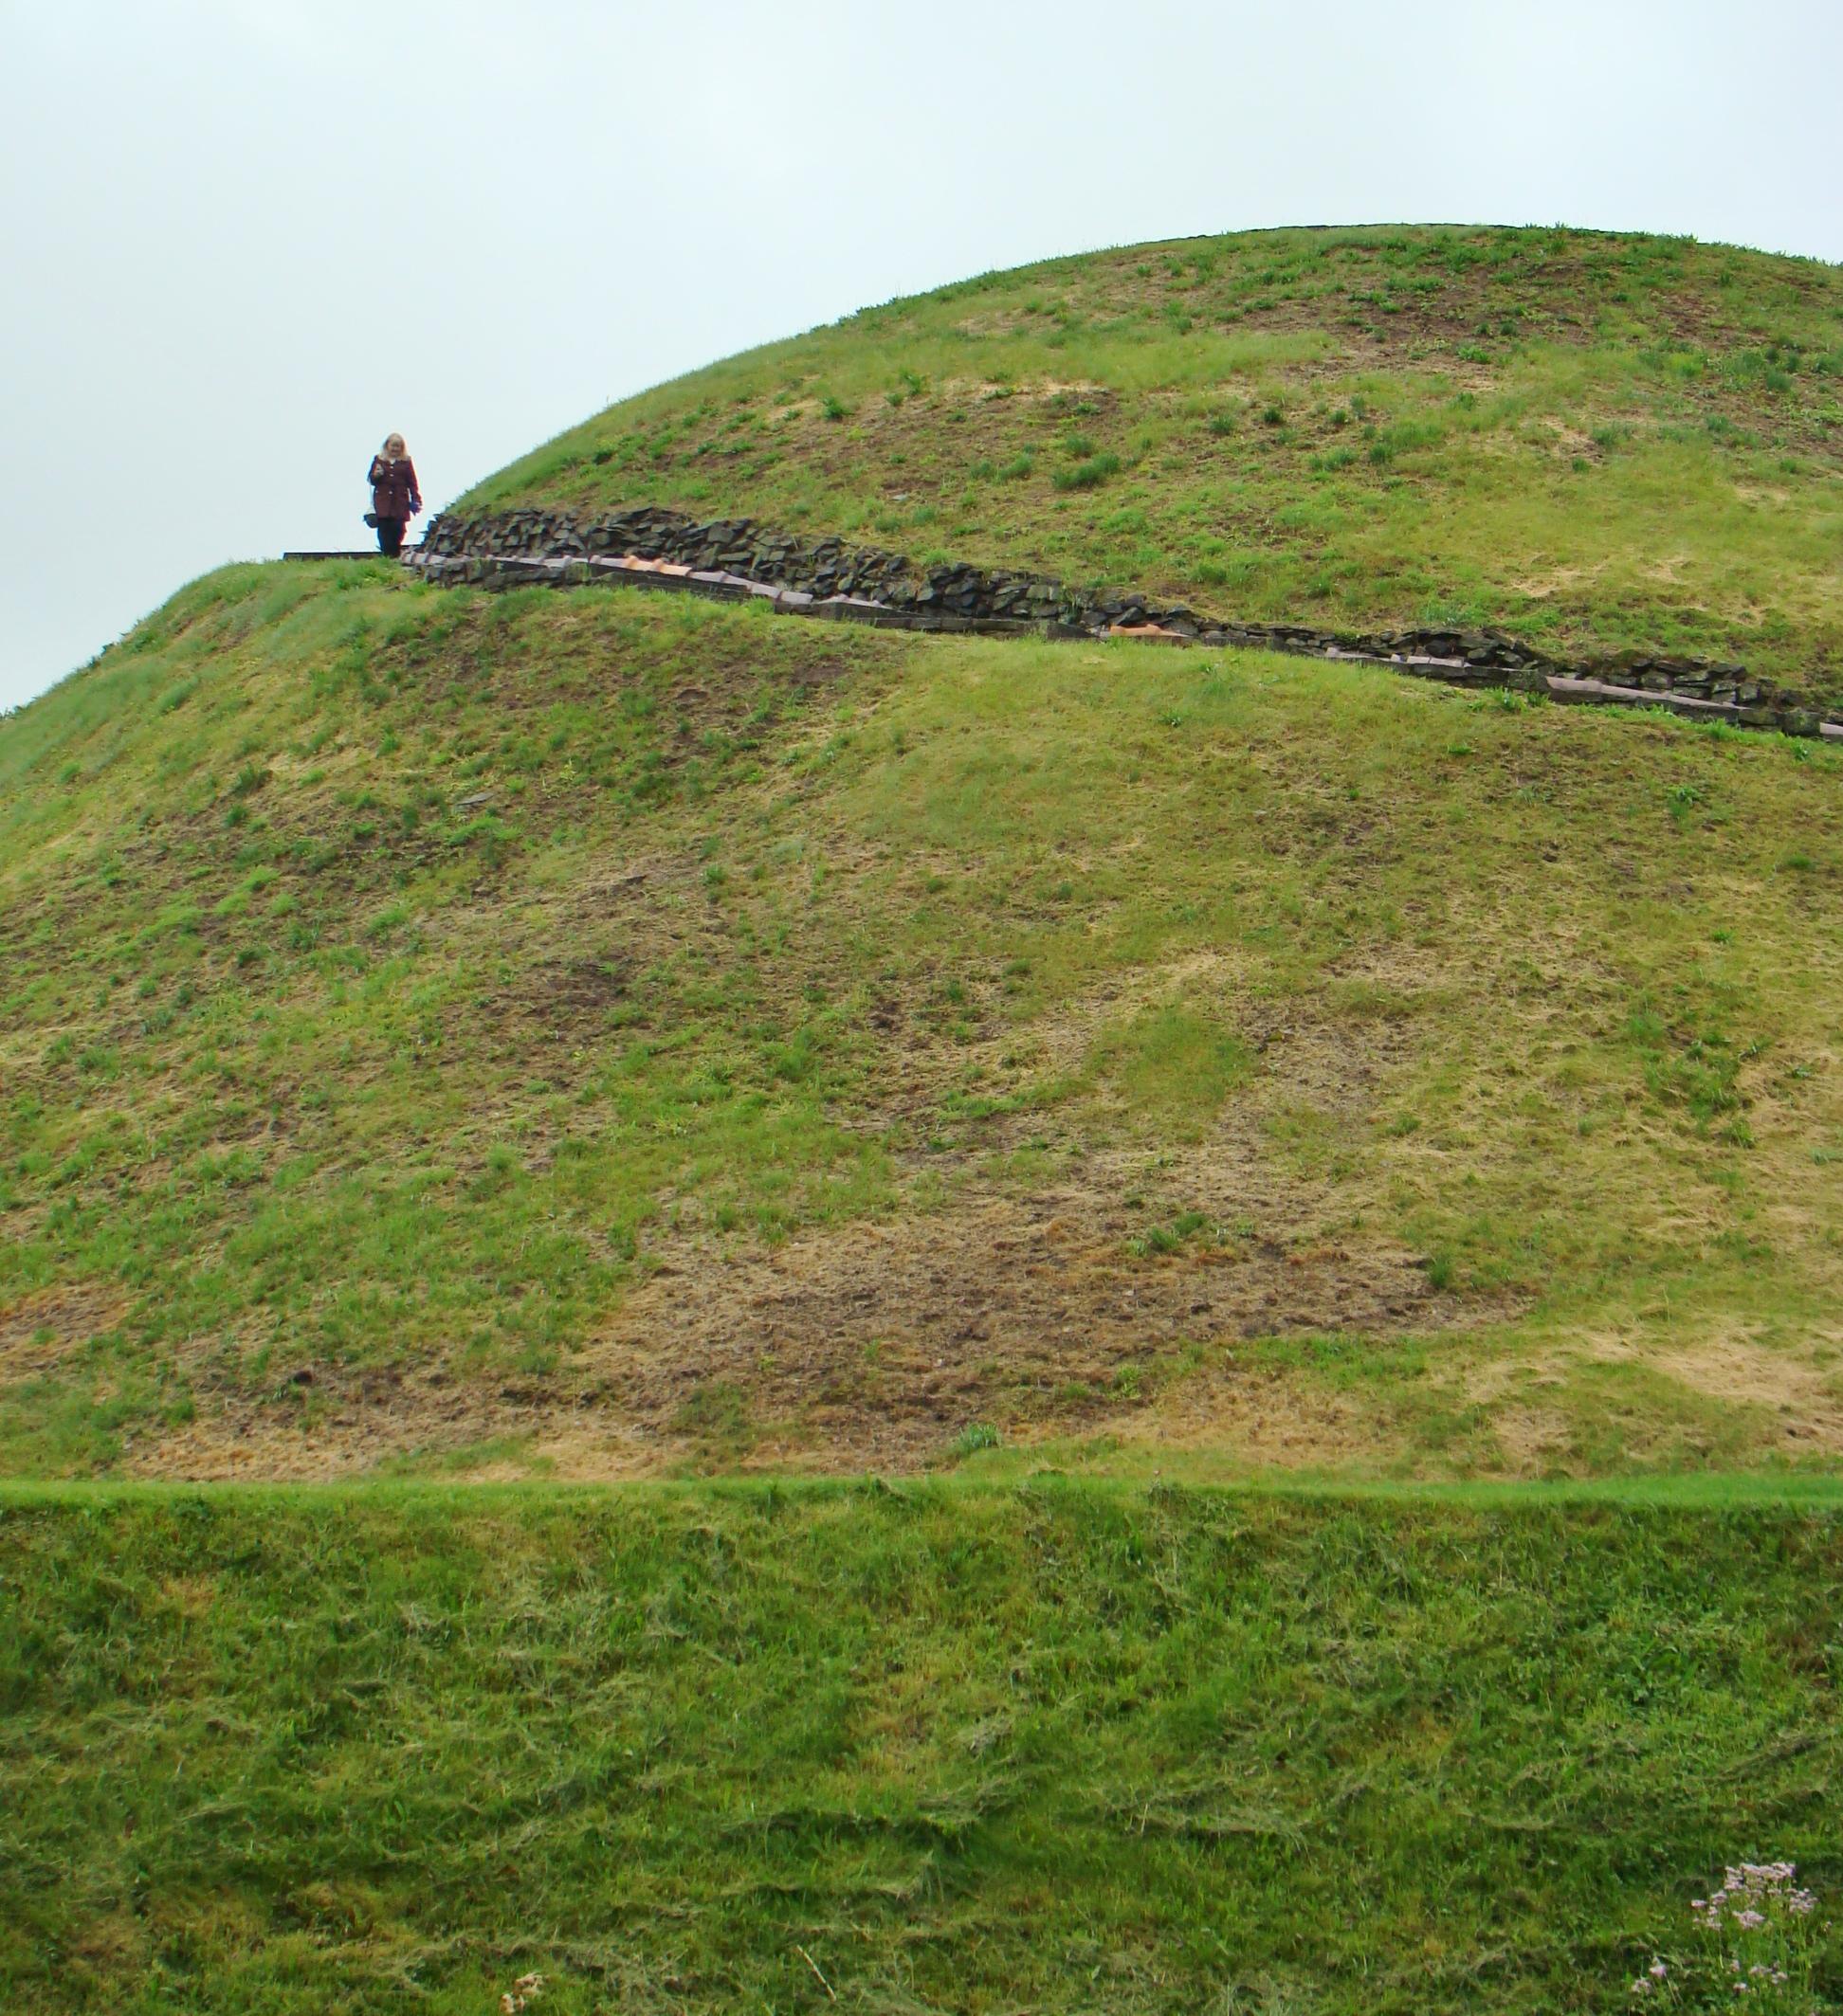 Bev at Mound 2 (2)